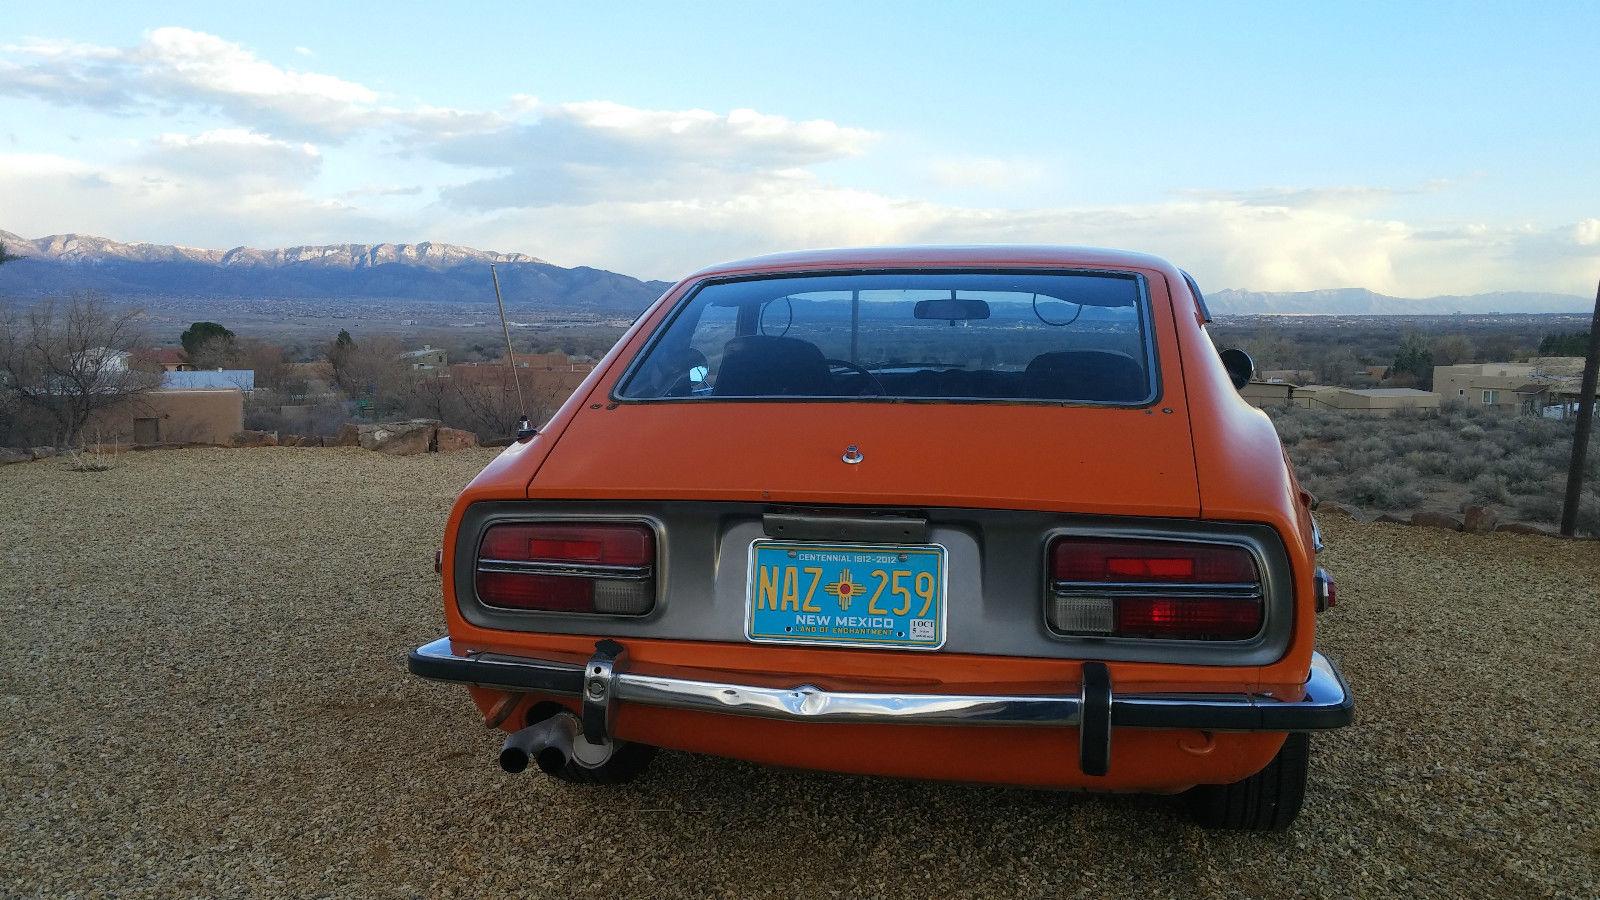 1973 Datsun 240Z For Sale in Rio Rancho NM - $200